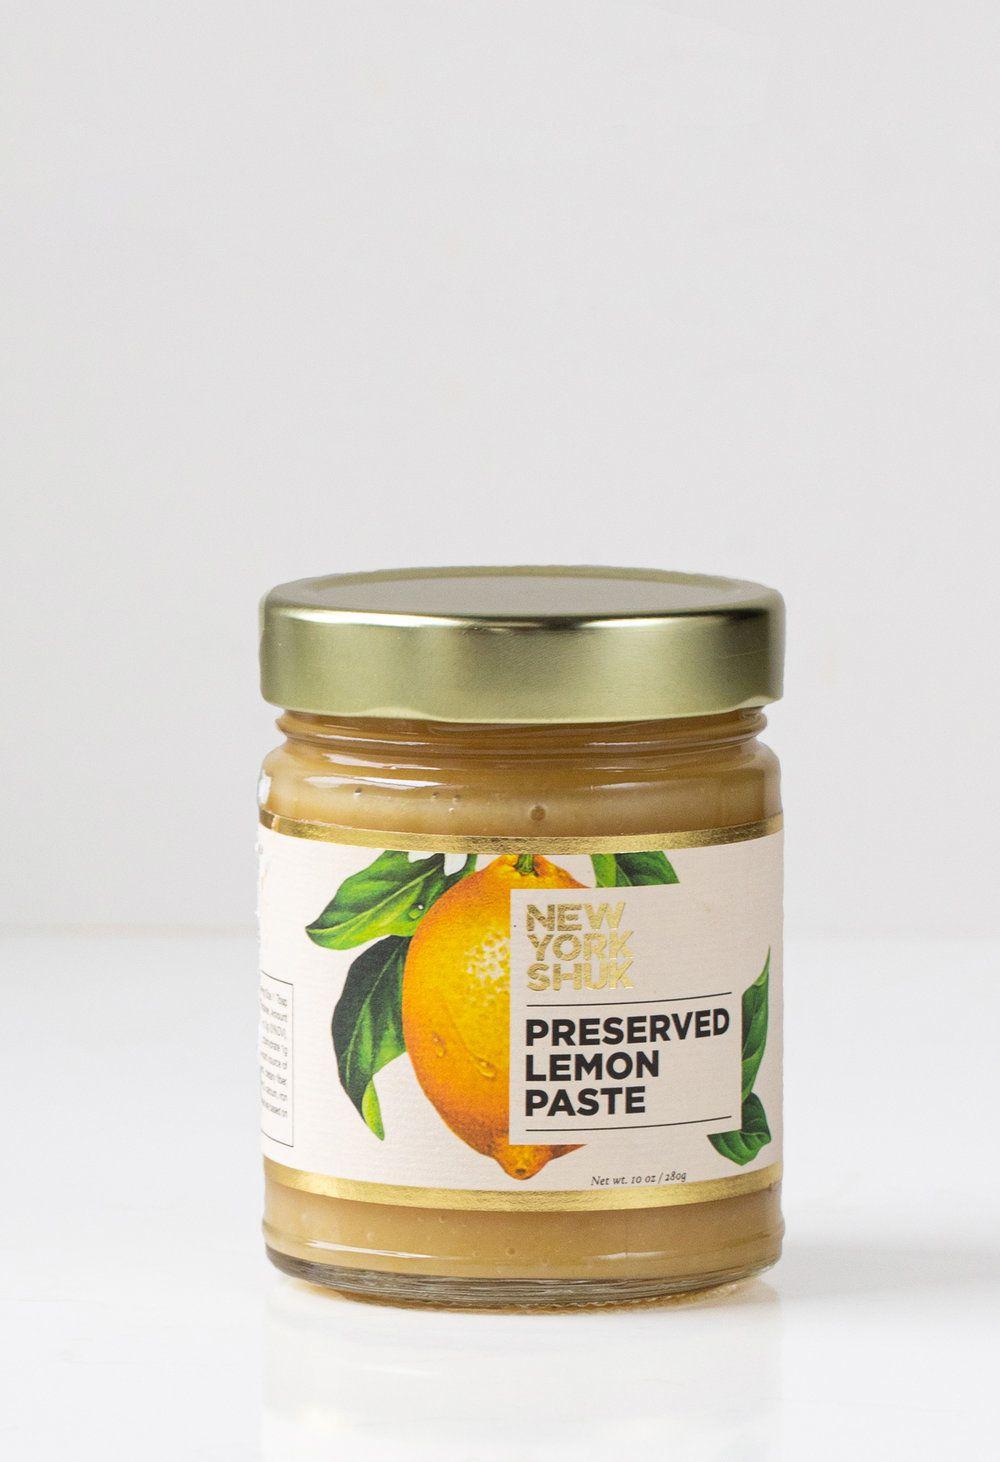 New York Shuk Preserved Lemon Paste